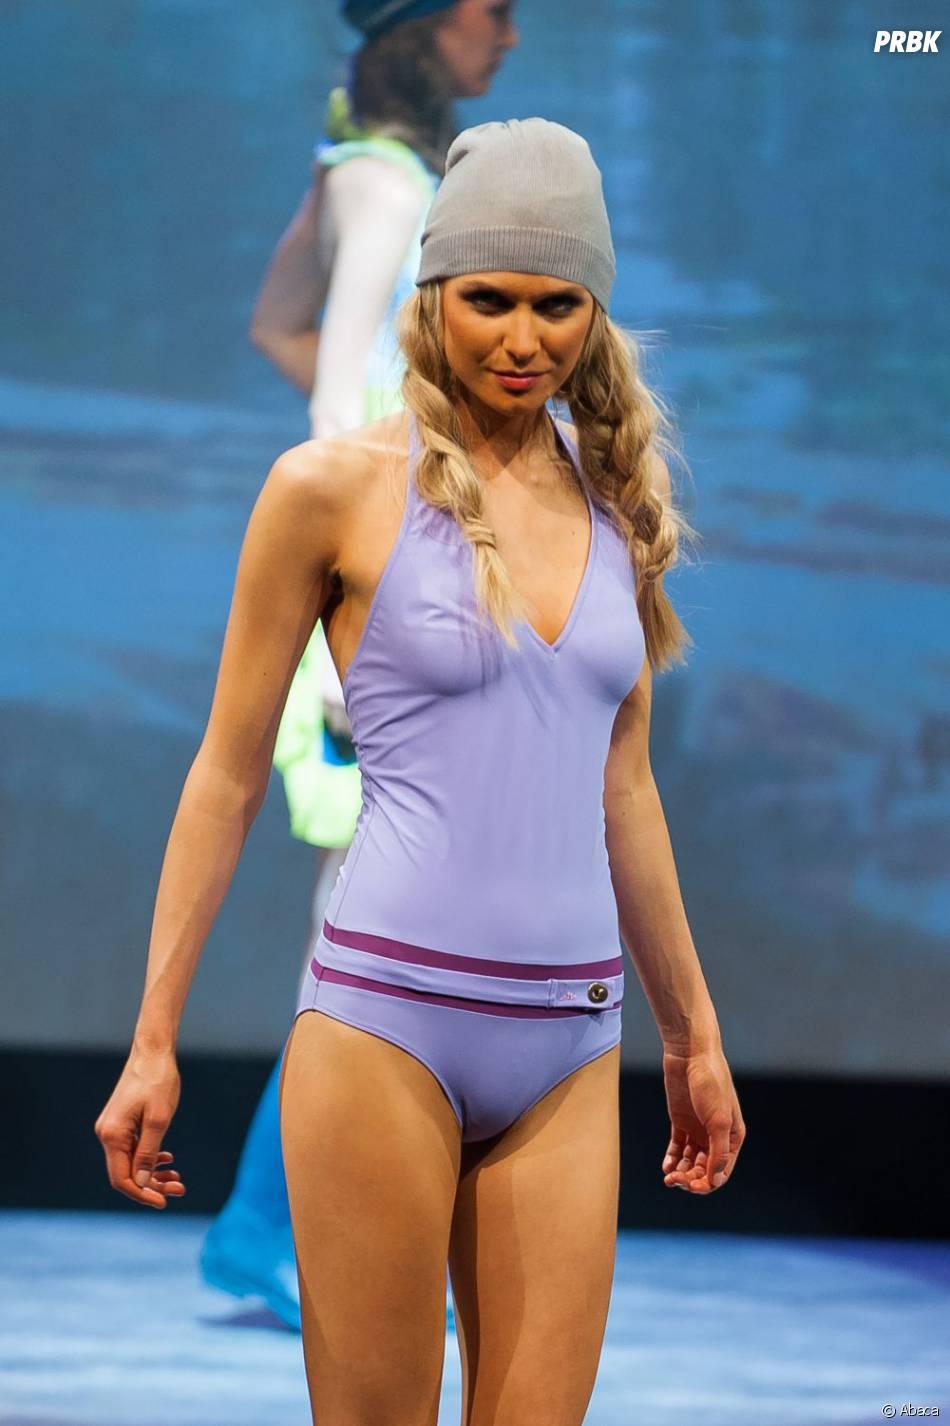 """Laure Manaudou : un modèle de maillot de bain de sa marque """"Laure Manaudou Design"""""""